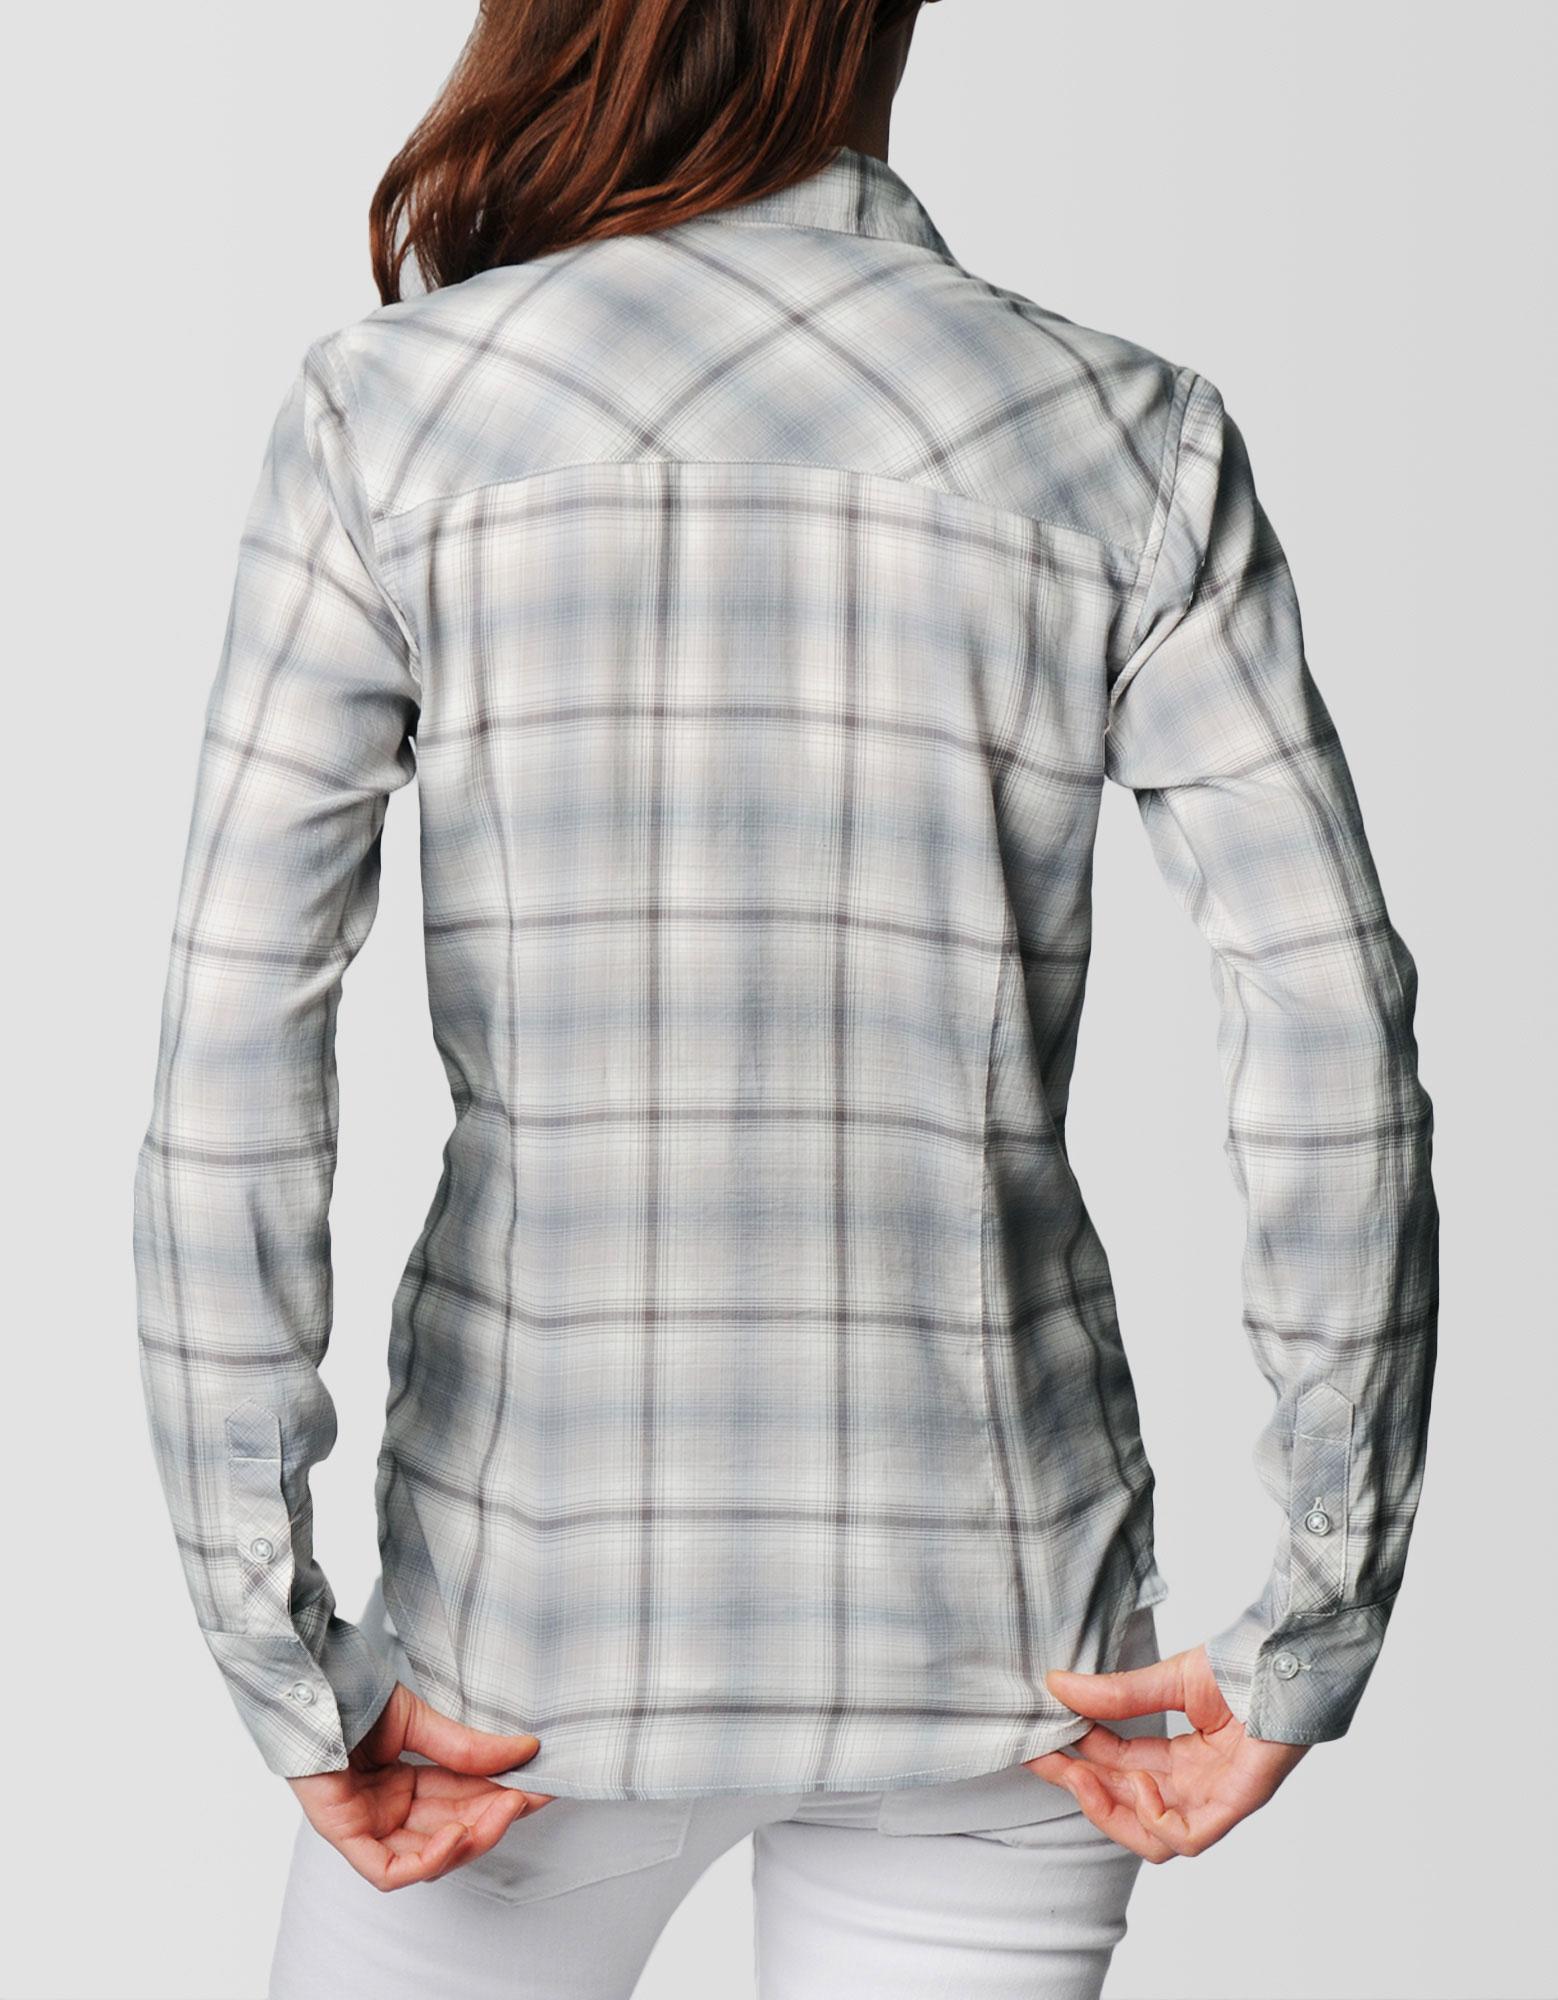 True religion plaid georgia womens shirt in gray lyst for Grey plaid shirt womens